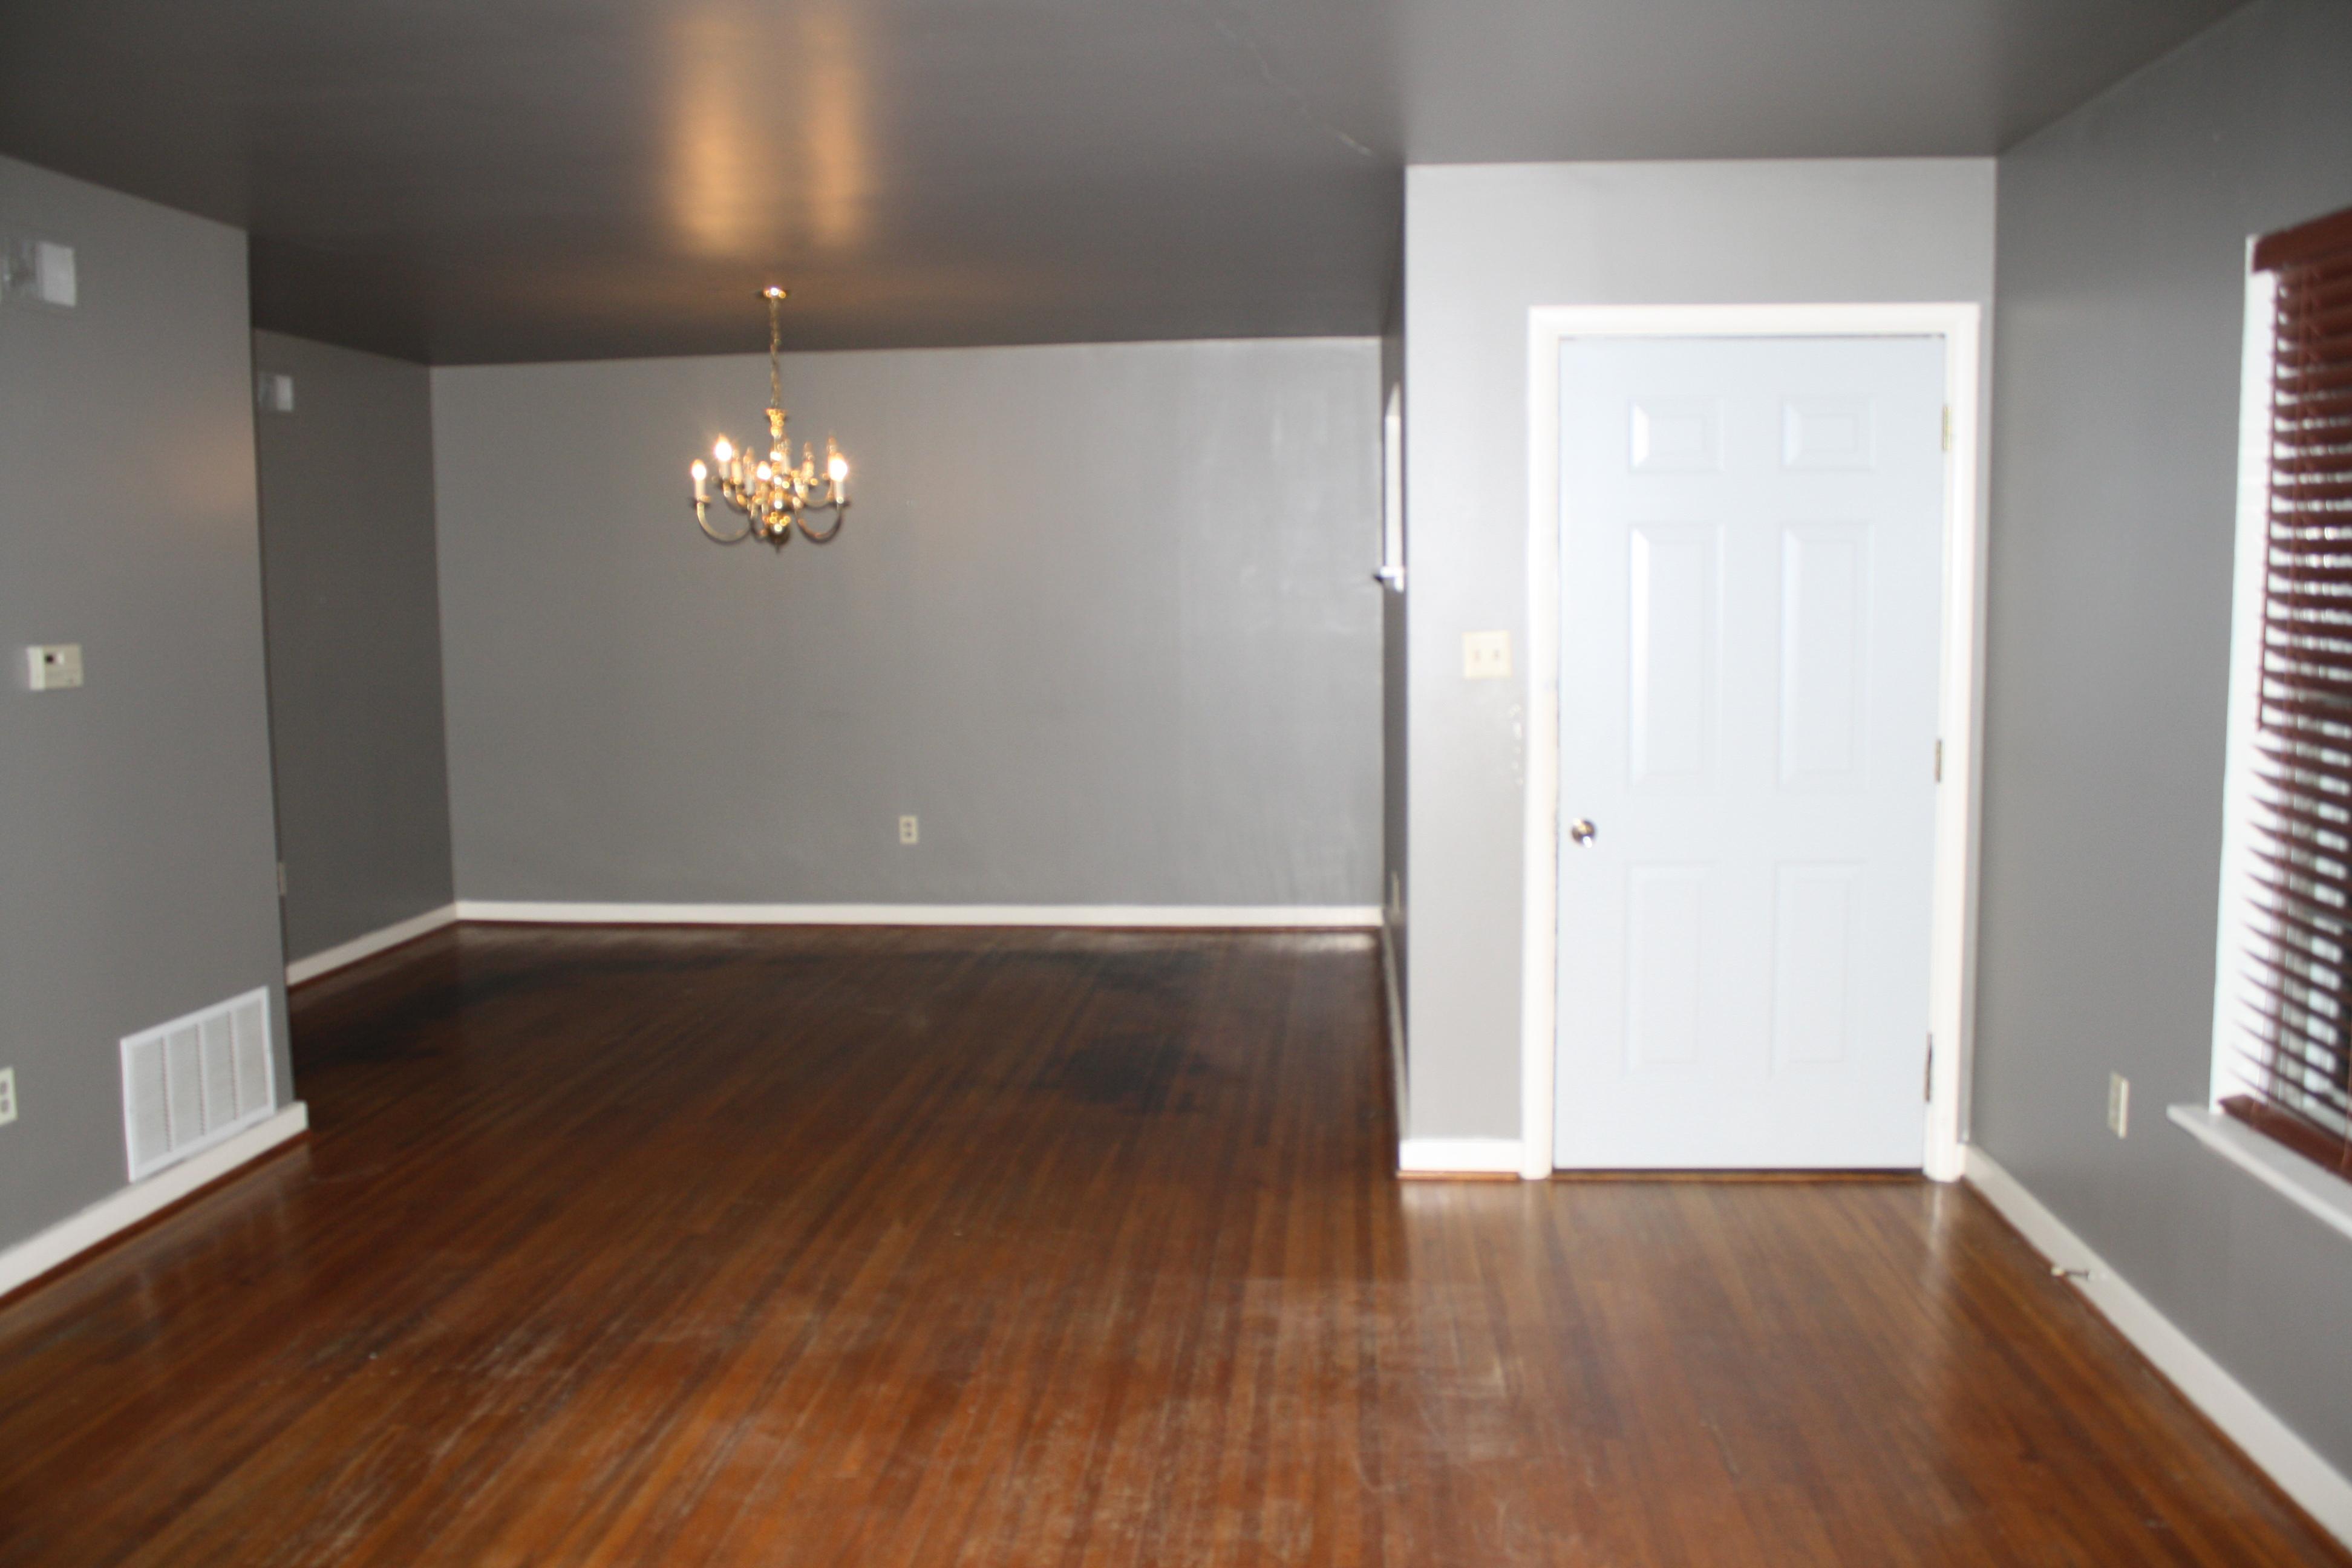 Big empty living room - Empty Living Room Wall